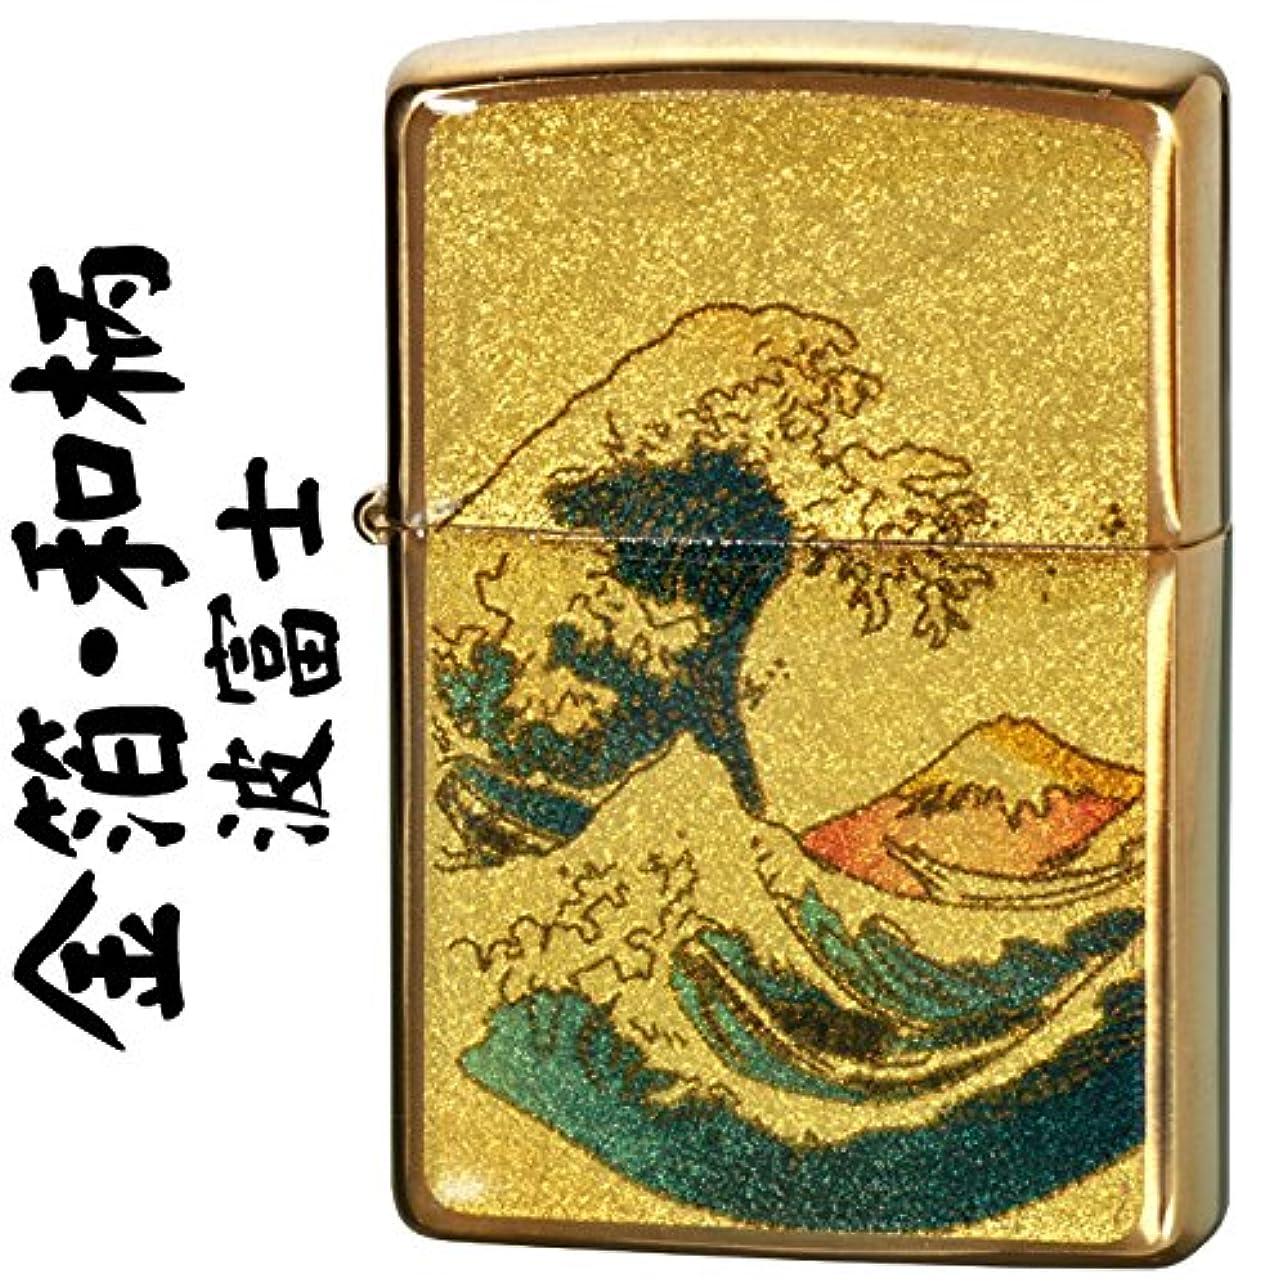 人口七時半気づかない【ZIPPO】 ジッポーライター オイル ライター 金箔 和柄 波富士 エポキシコーティング 金タンク